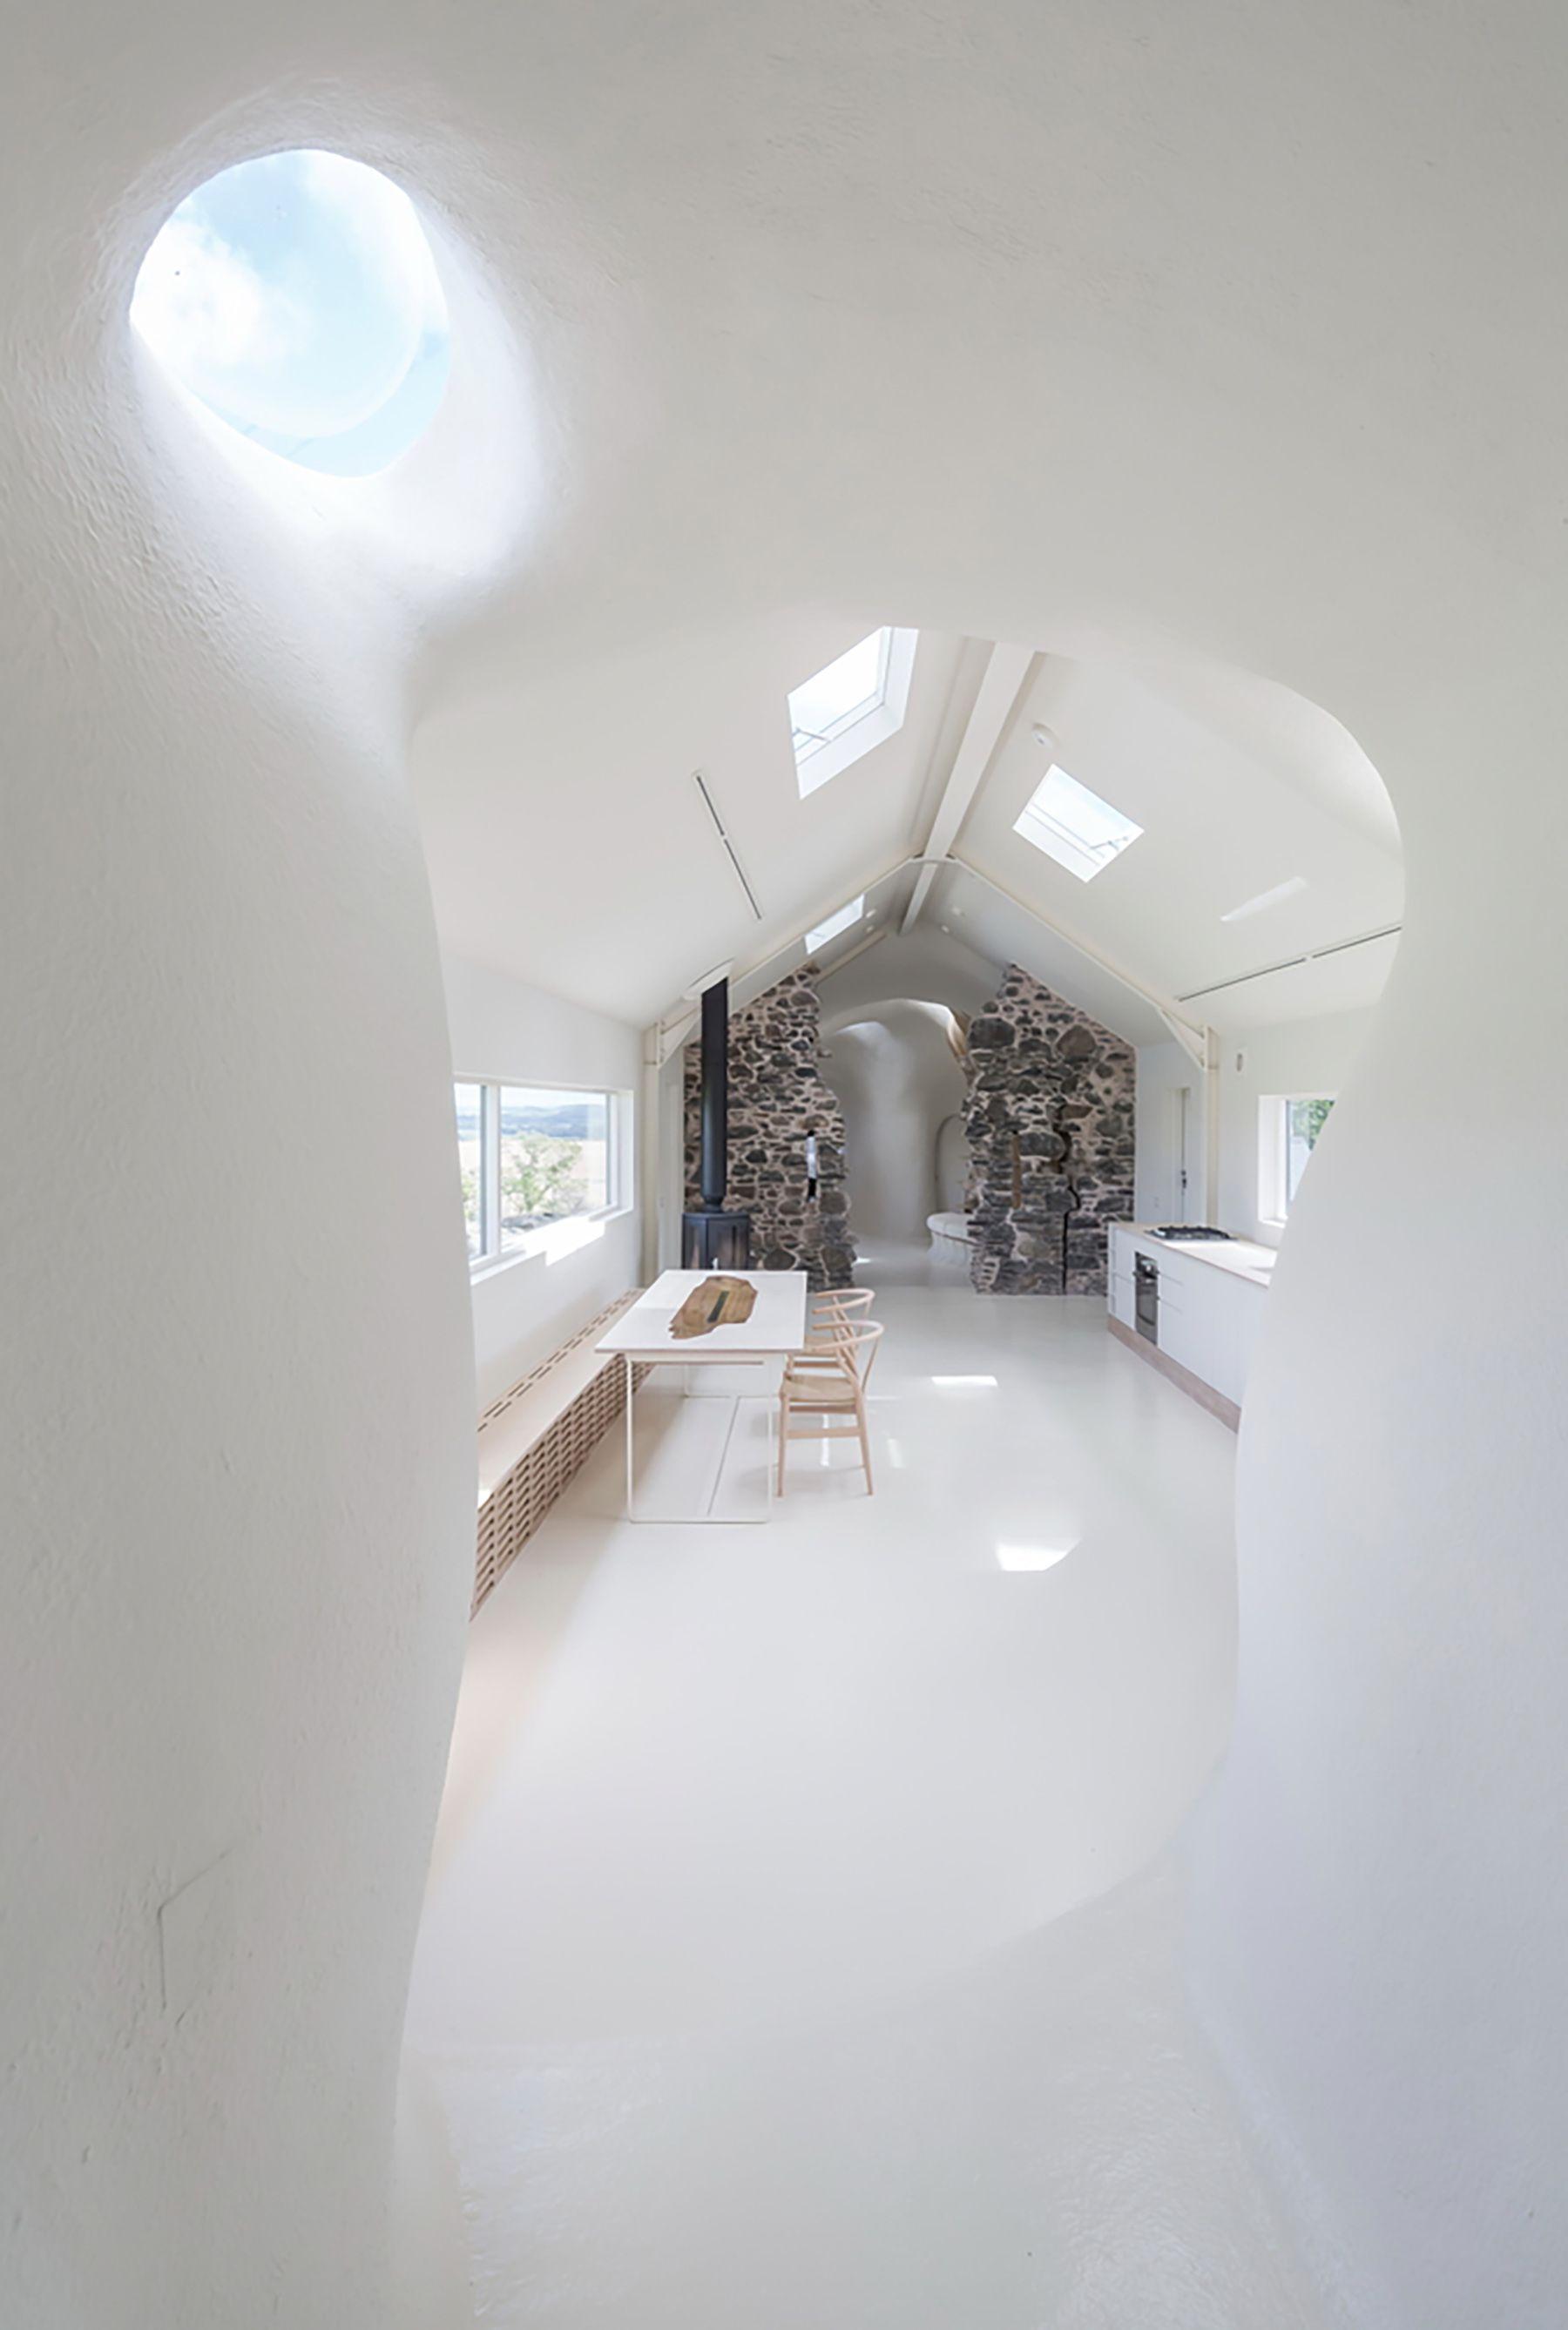 18th Century Ruins Transform into a Futuristic Home | Futuristic ...